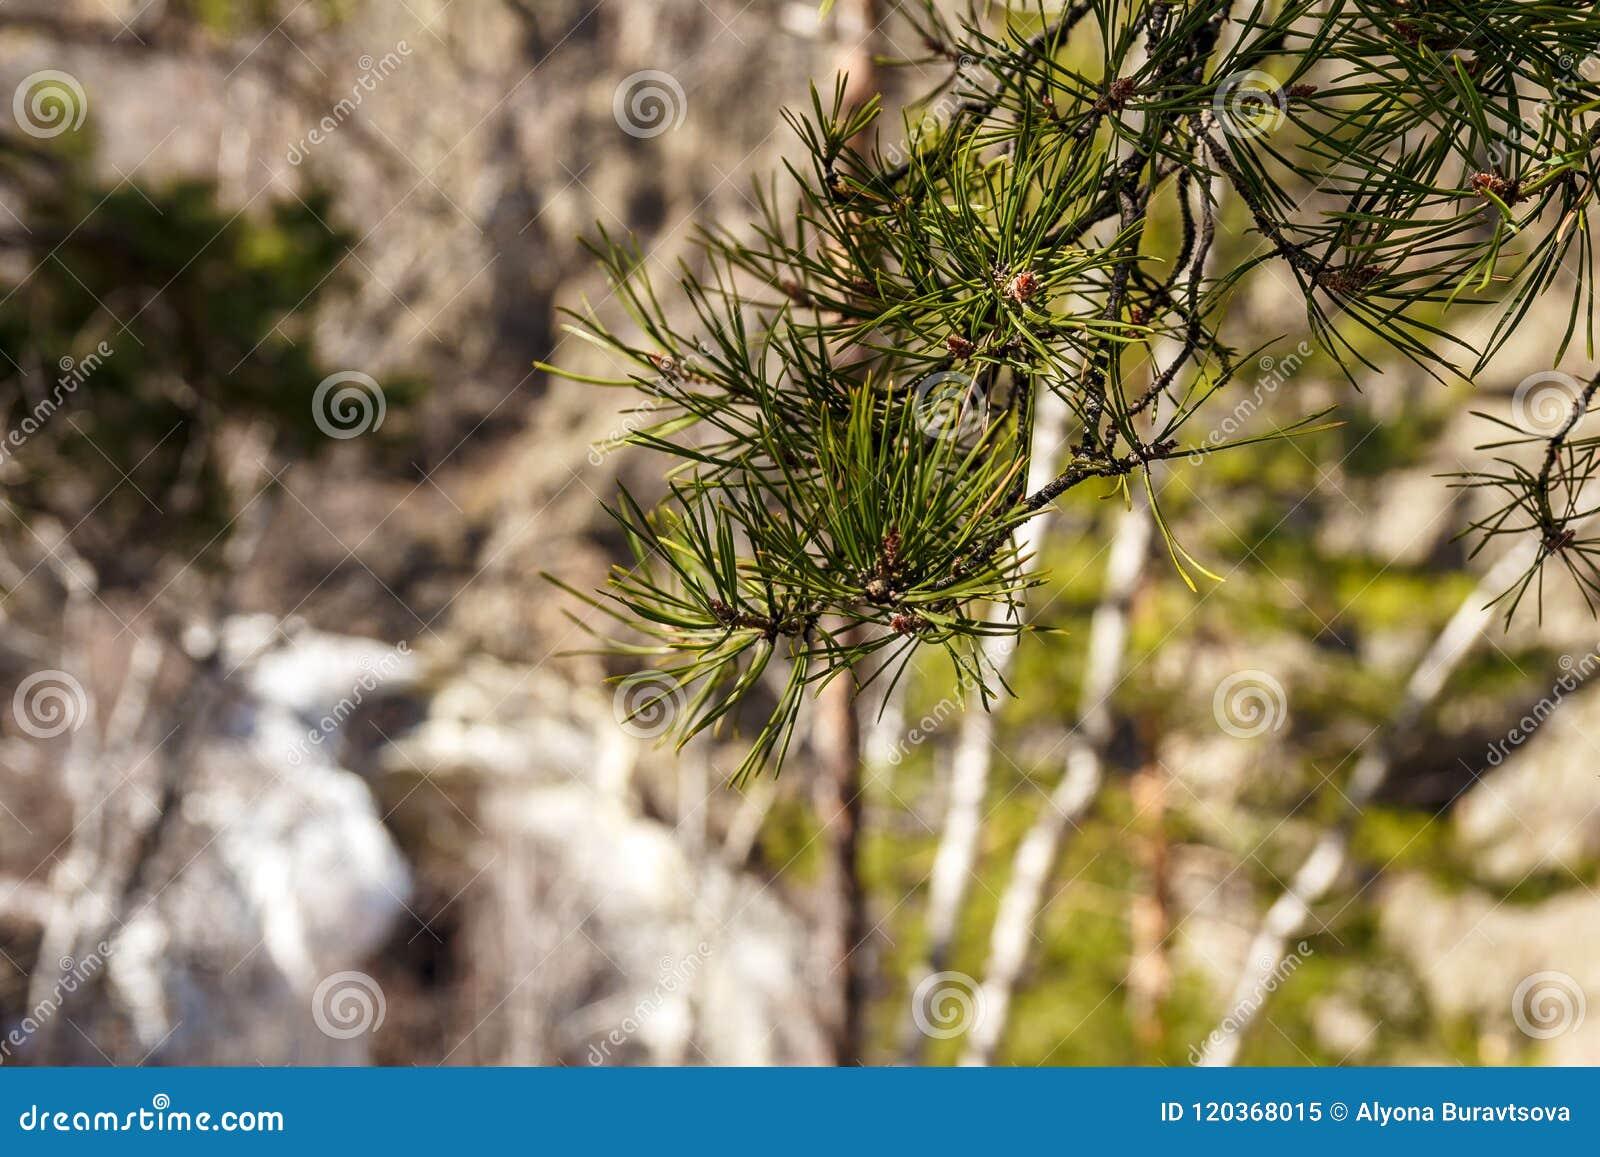 Branche de pin verte fraîche au printemps